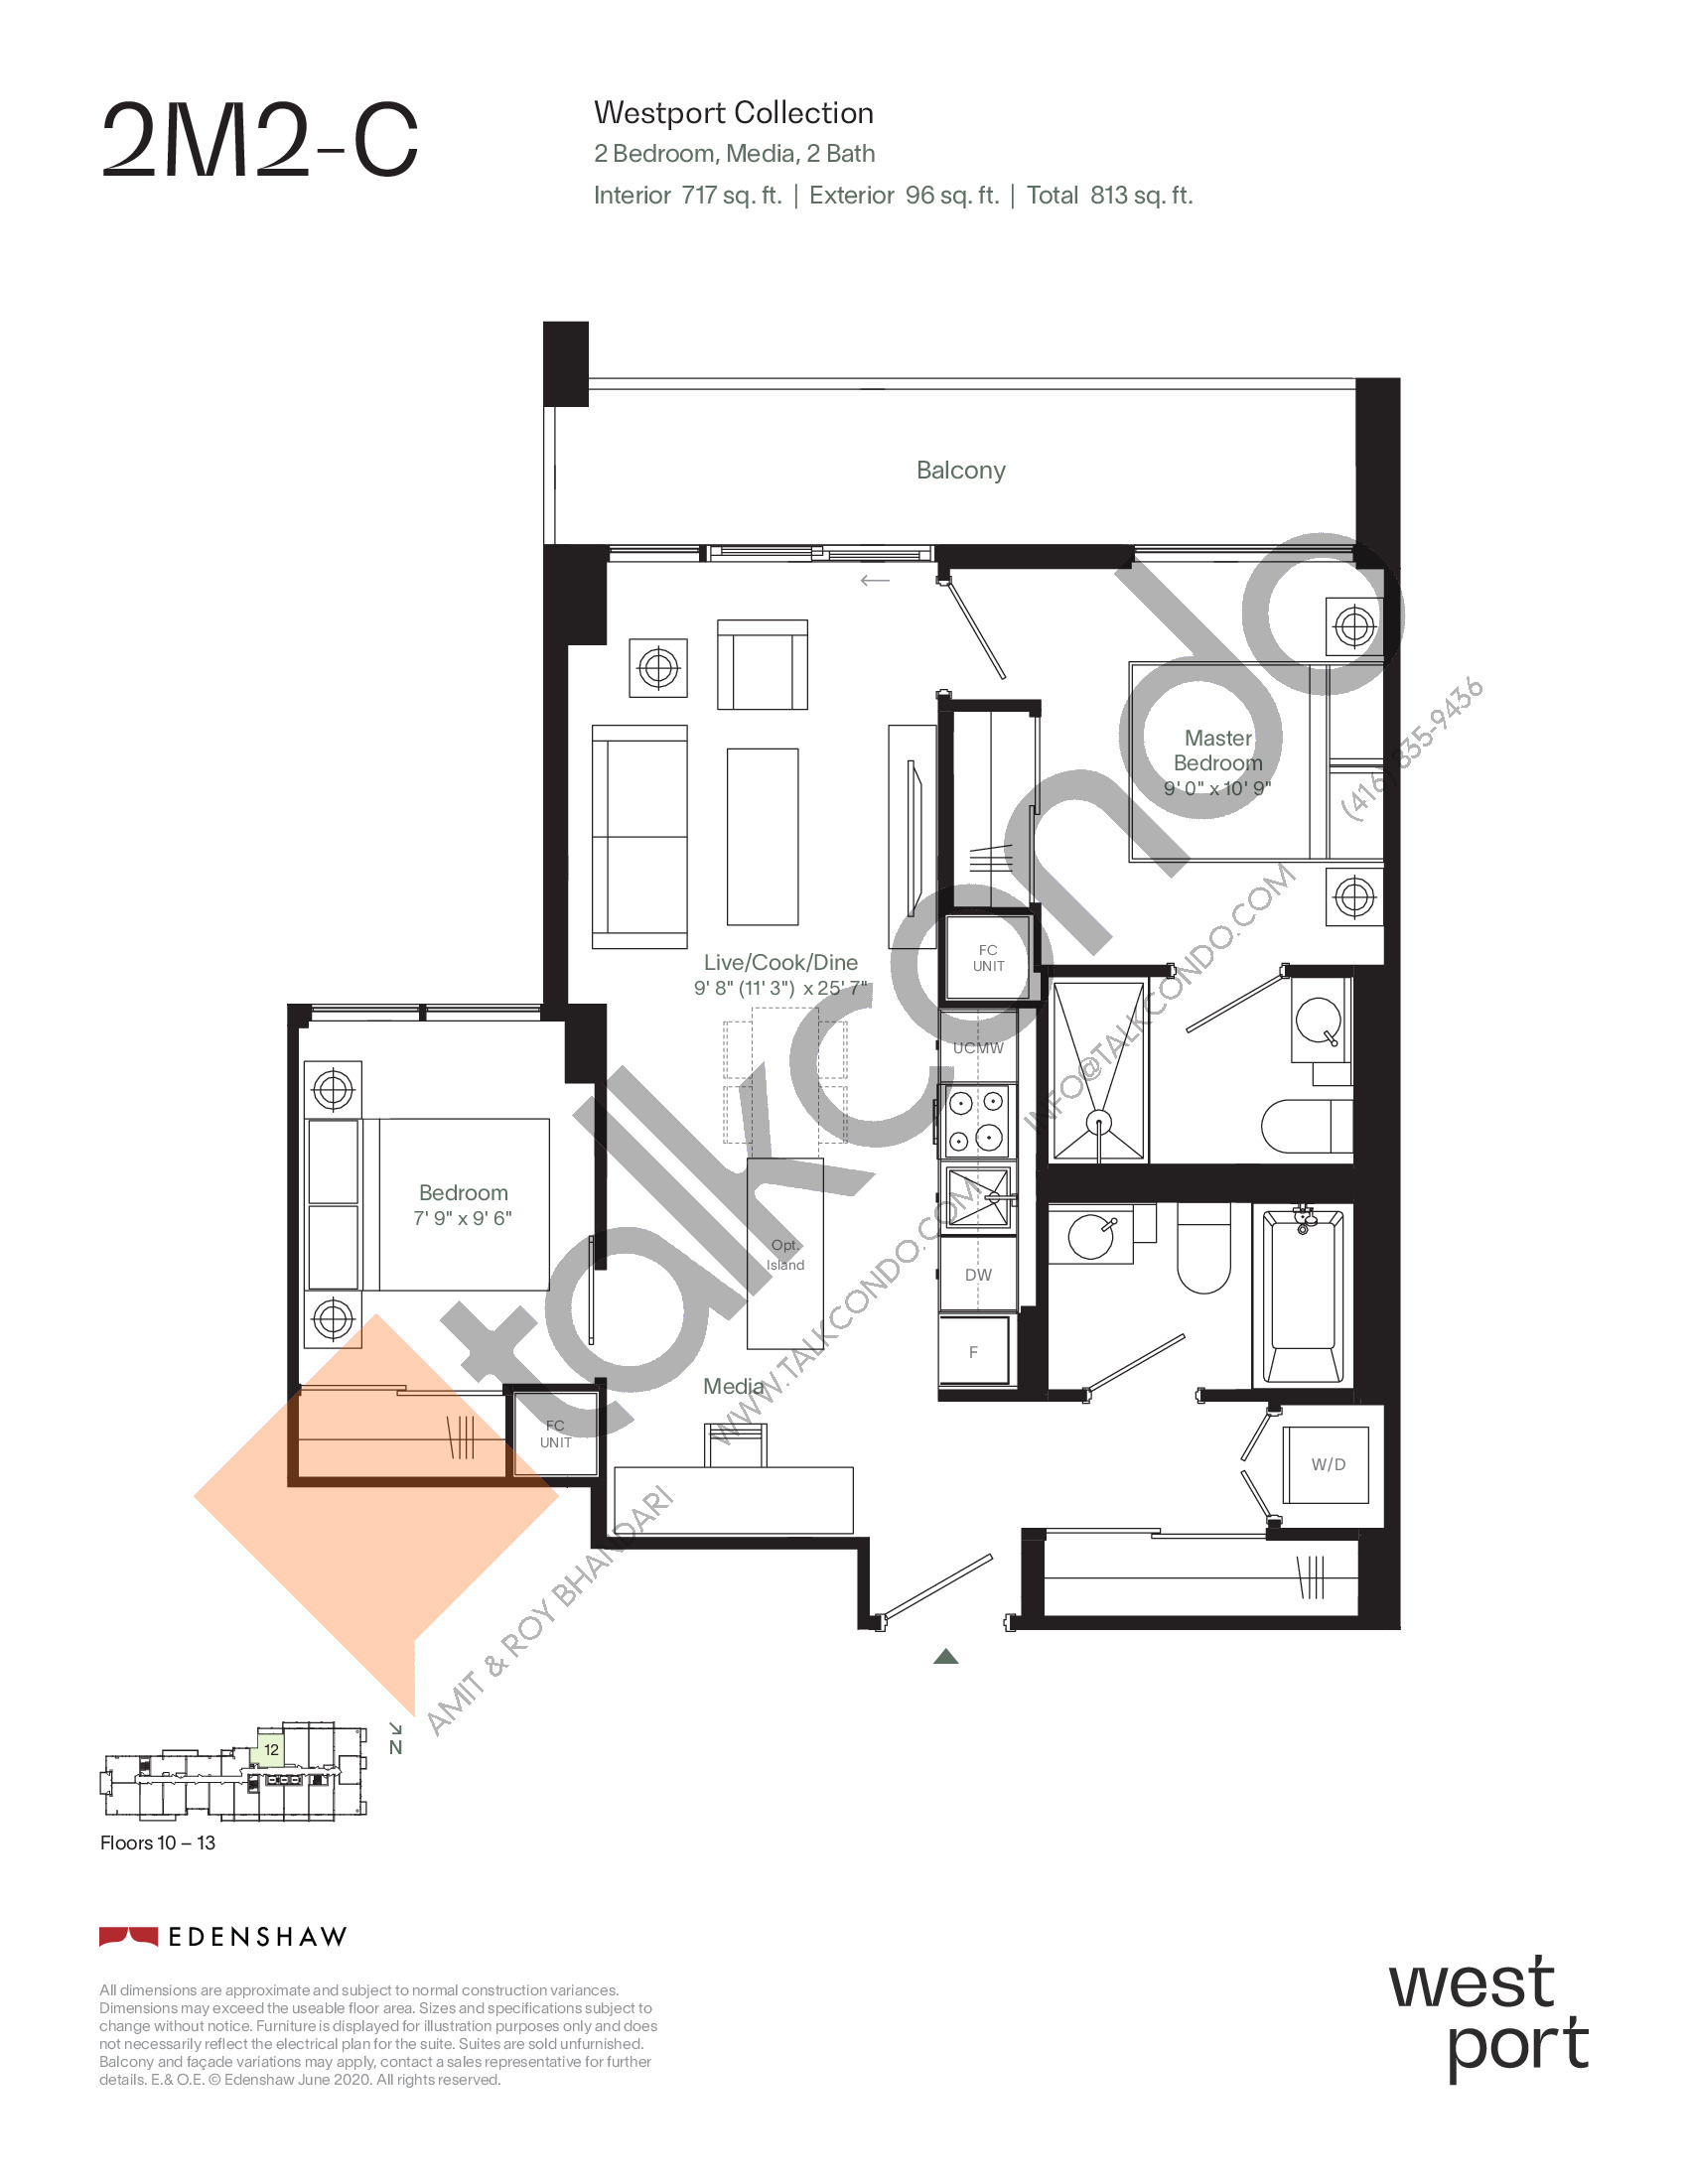 2M2-C - Westport Collection Floor Plan at Westport Condos - 717 sq.ft